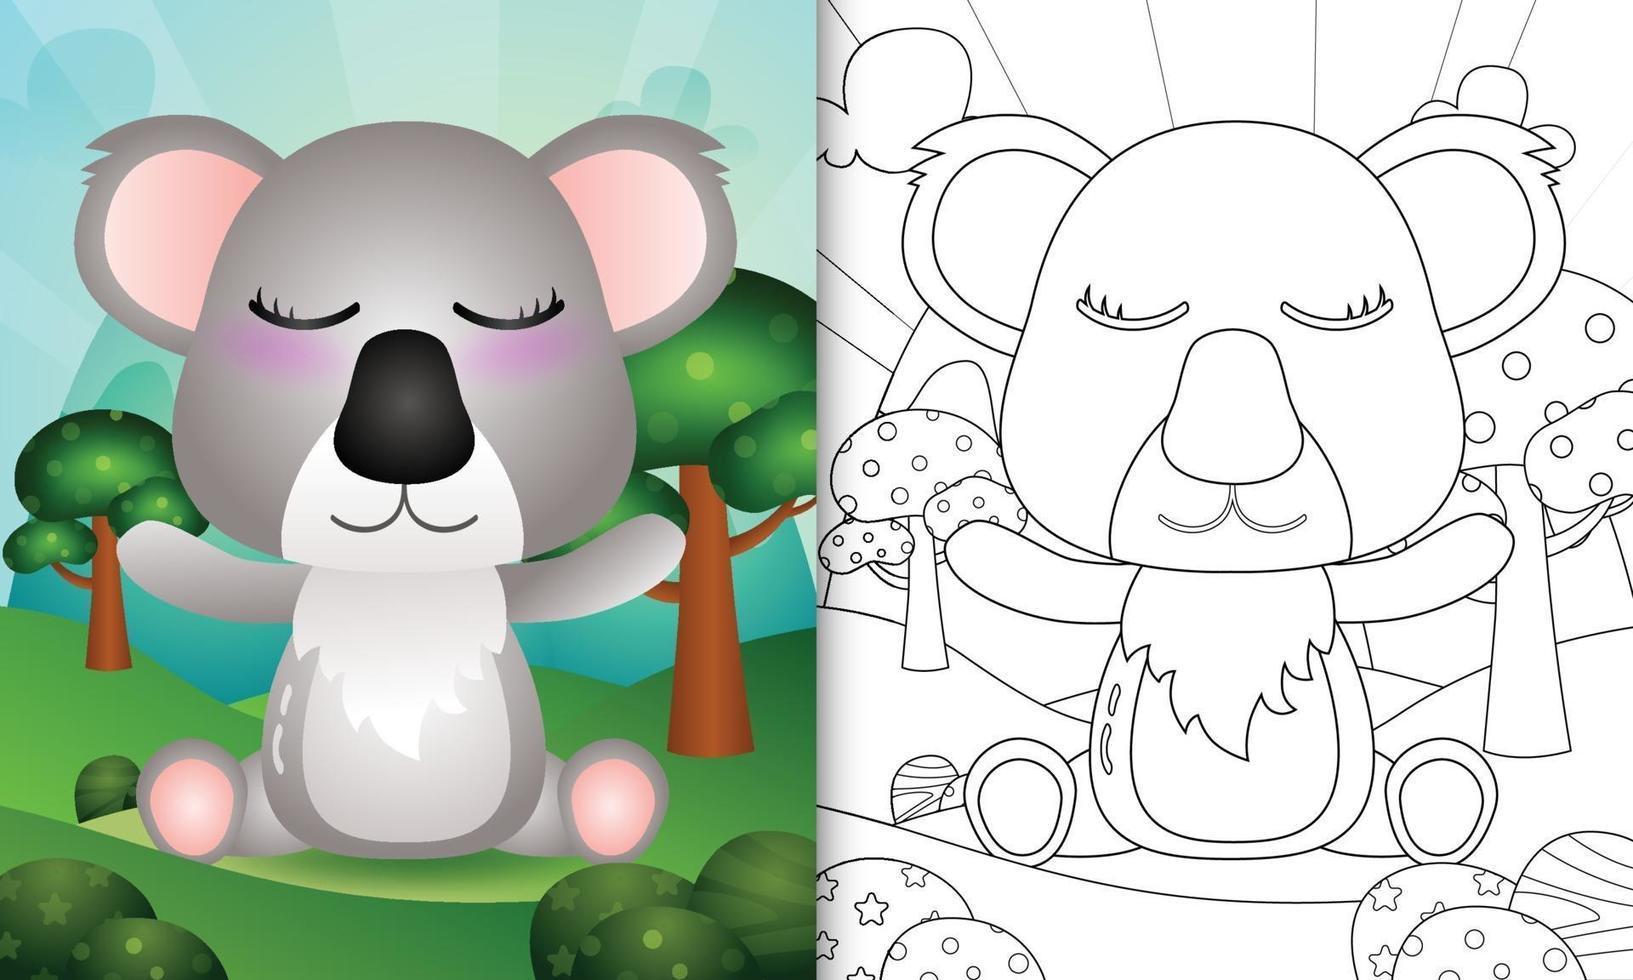 libro da colorare per bambini con un simpatico personaggio koala vettore